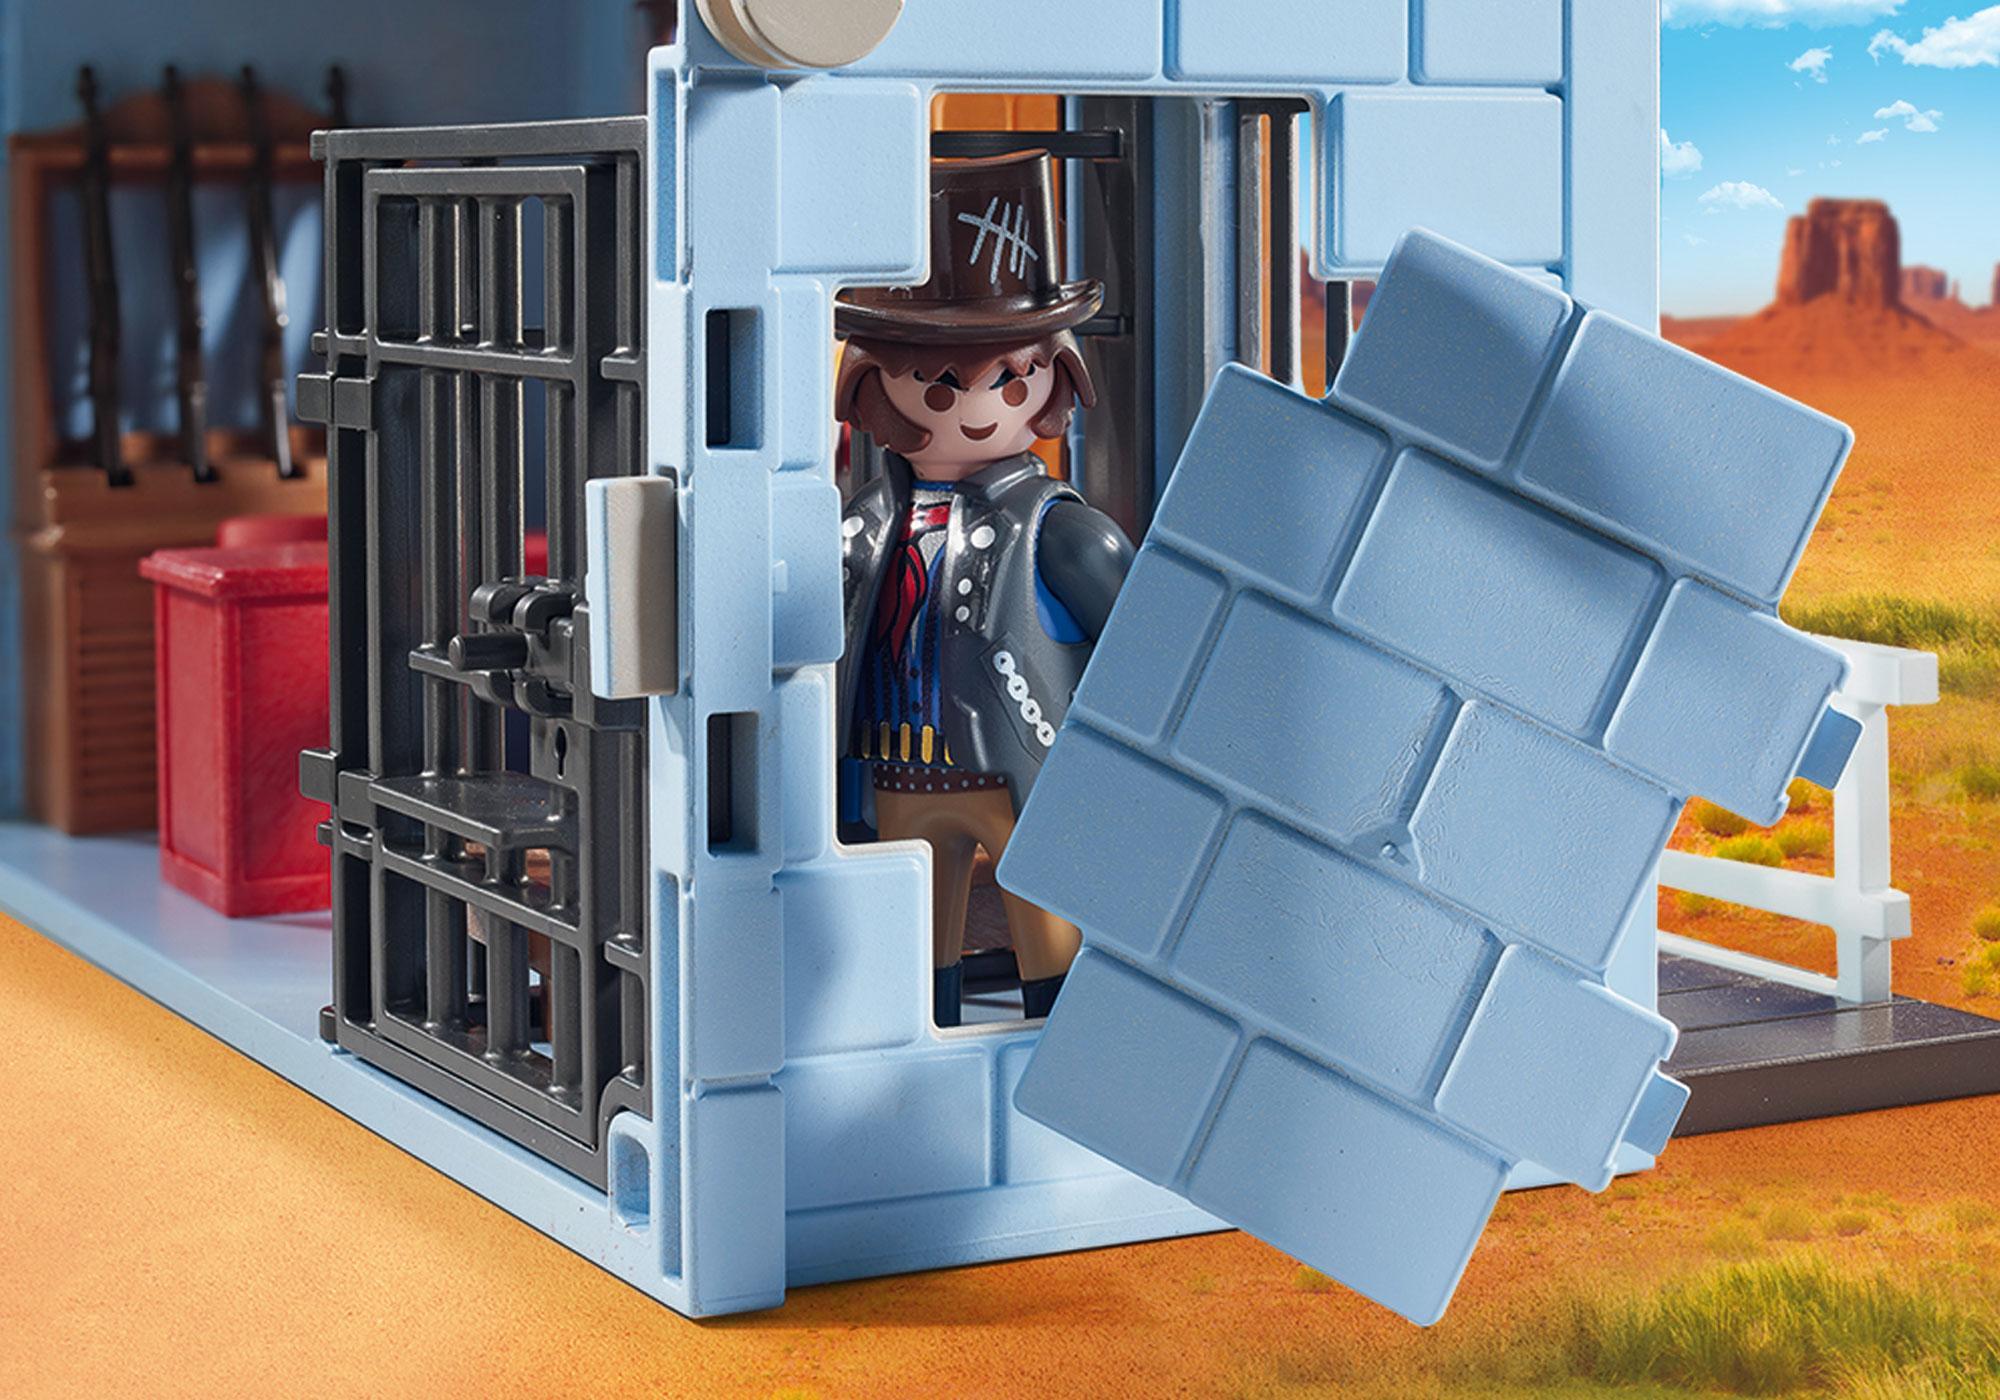 http://media.playmobil.com/i/playmobil/70012_product_extra3/Cidade do Oeste Maleta